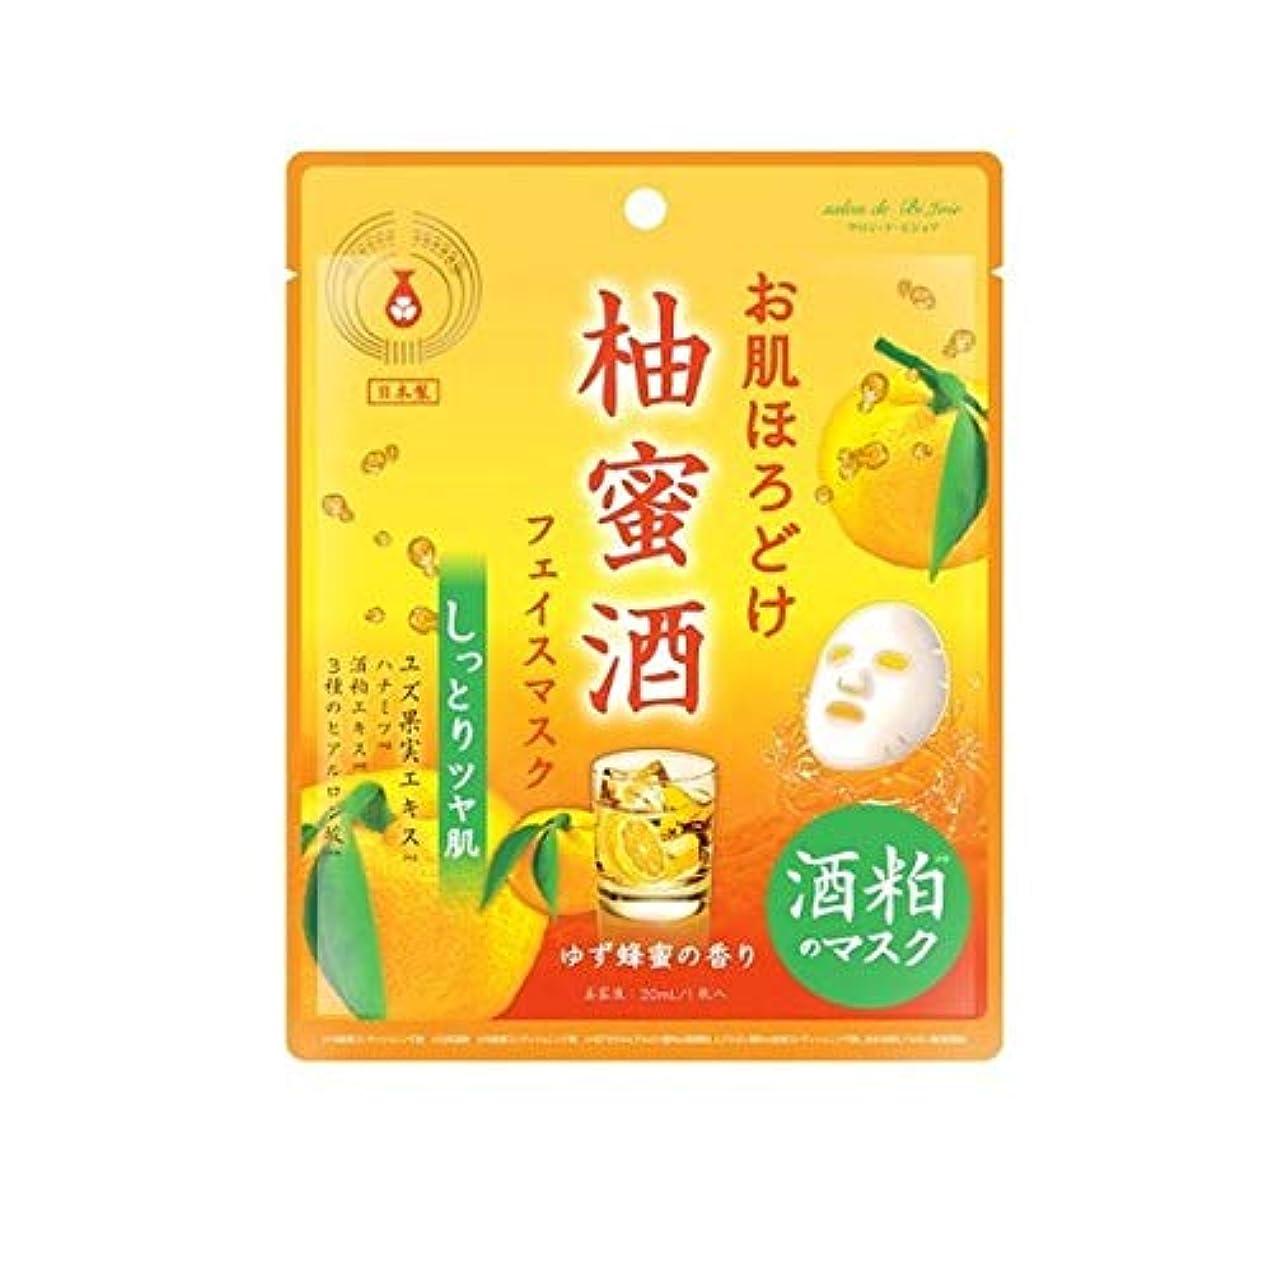 明確に銀行九BJお肌ほろどけフェイスマスク 柚蜜酒 HDM202 日本製 ゆず蜂蜜の香り 美容 ビューティー グッズ フェイス パック マスク しっとり ツヤ 肌 素肌 美人 保湿